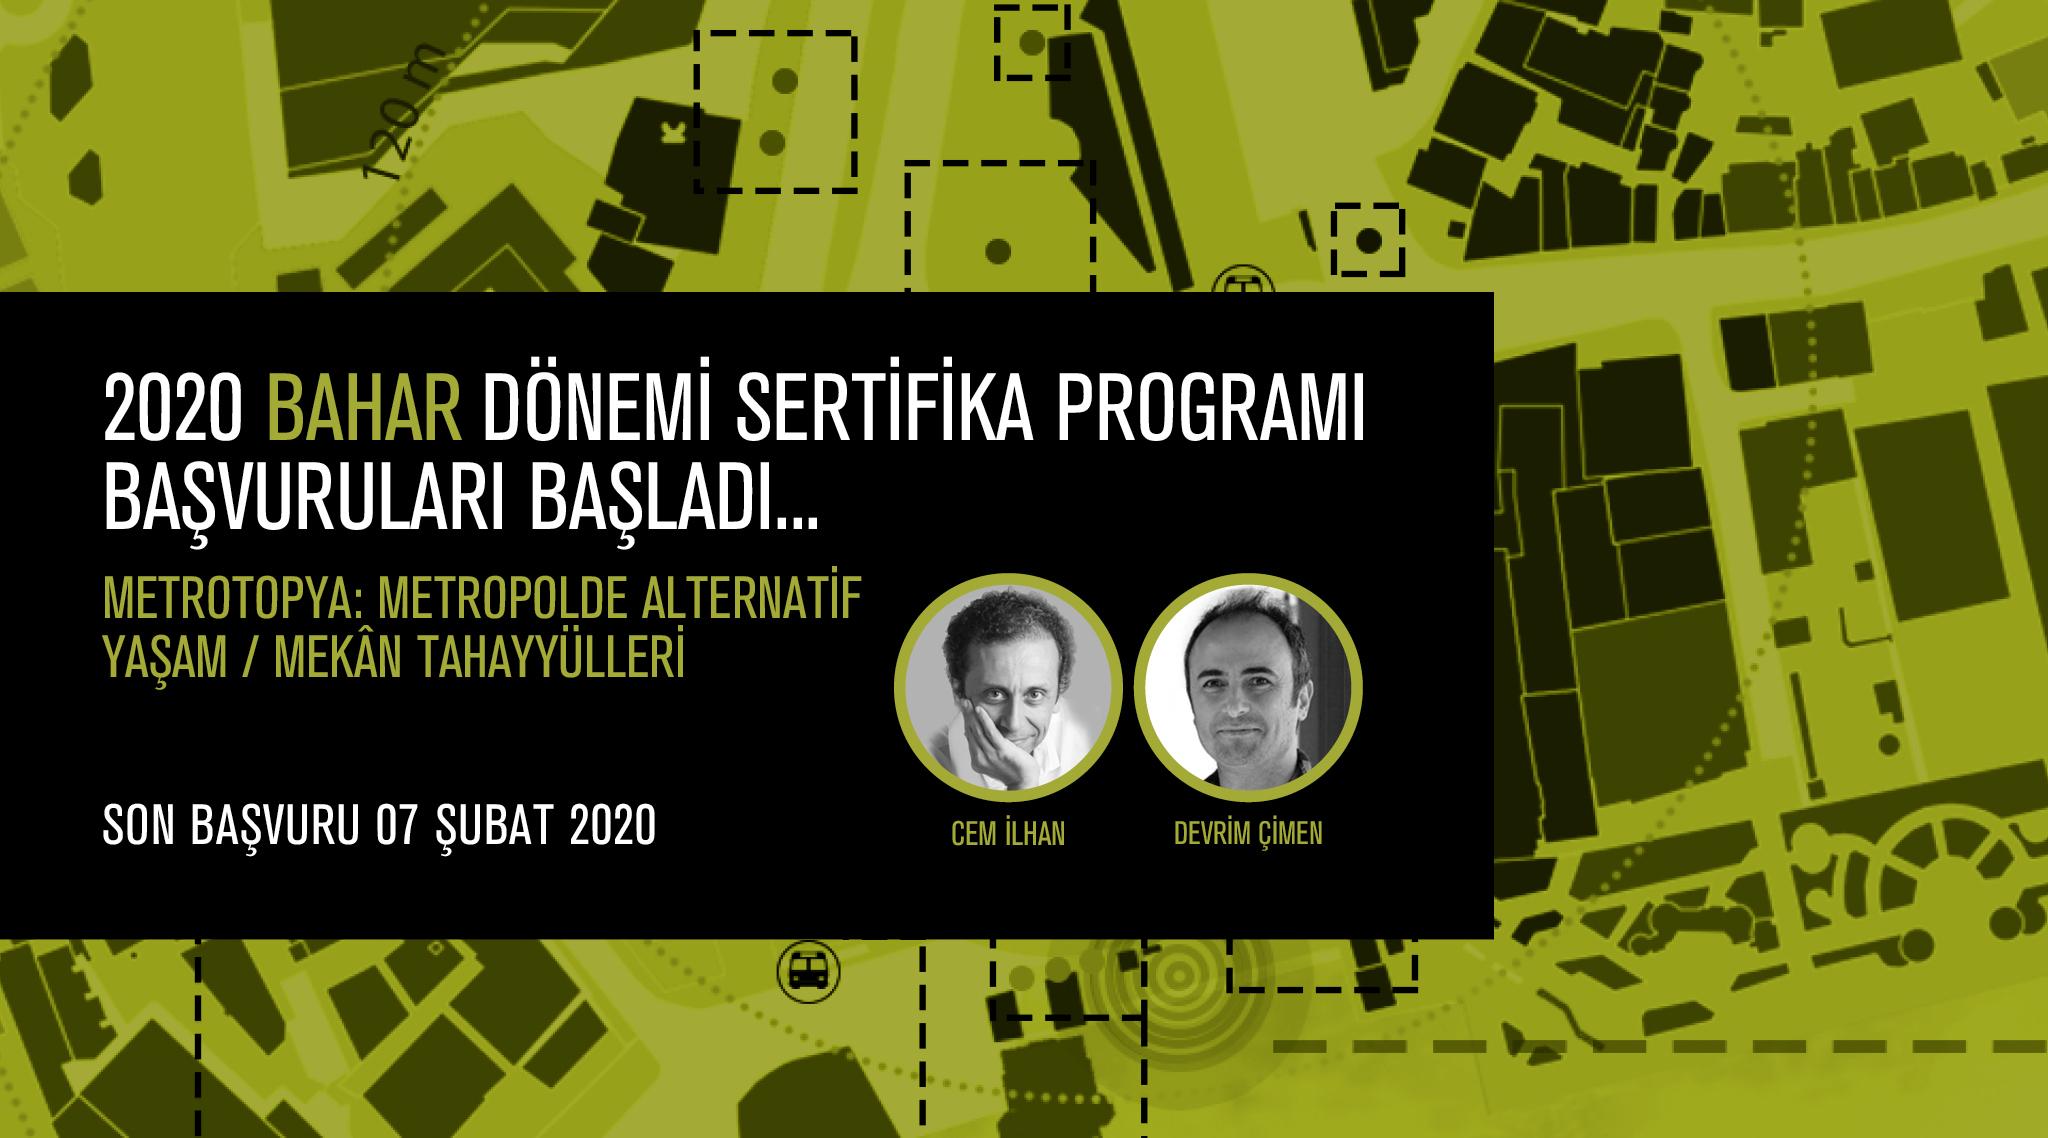 AURA İstanbul 2020 Bahar Dönemi Sertifika Programı Başvuruları Başladı!